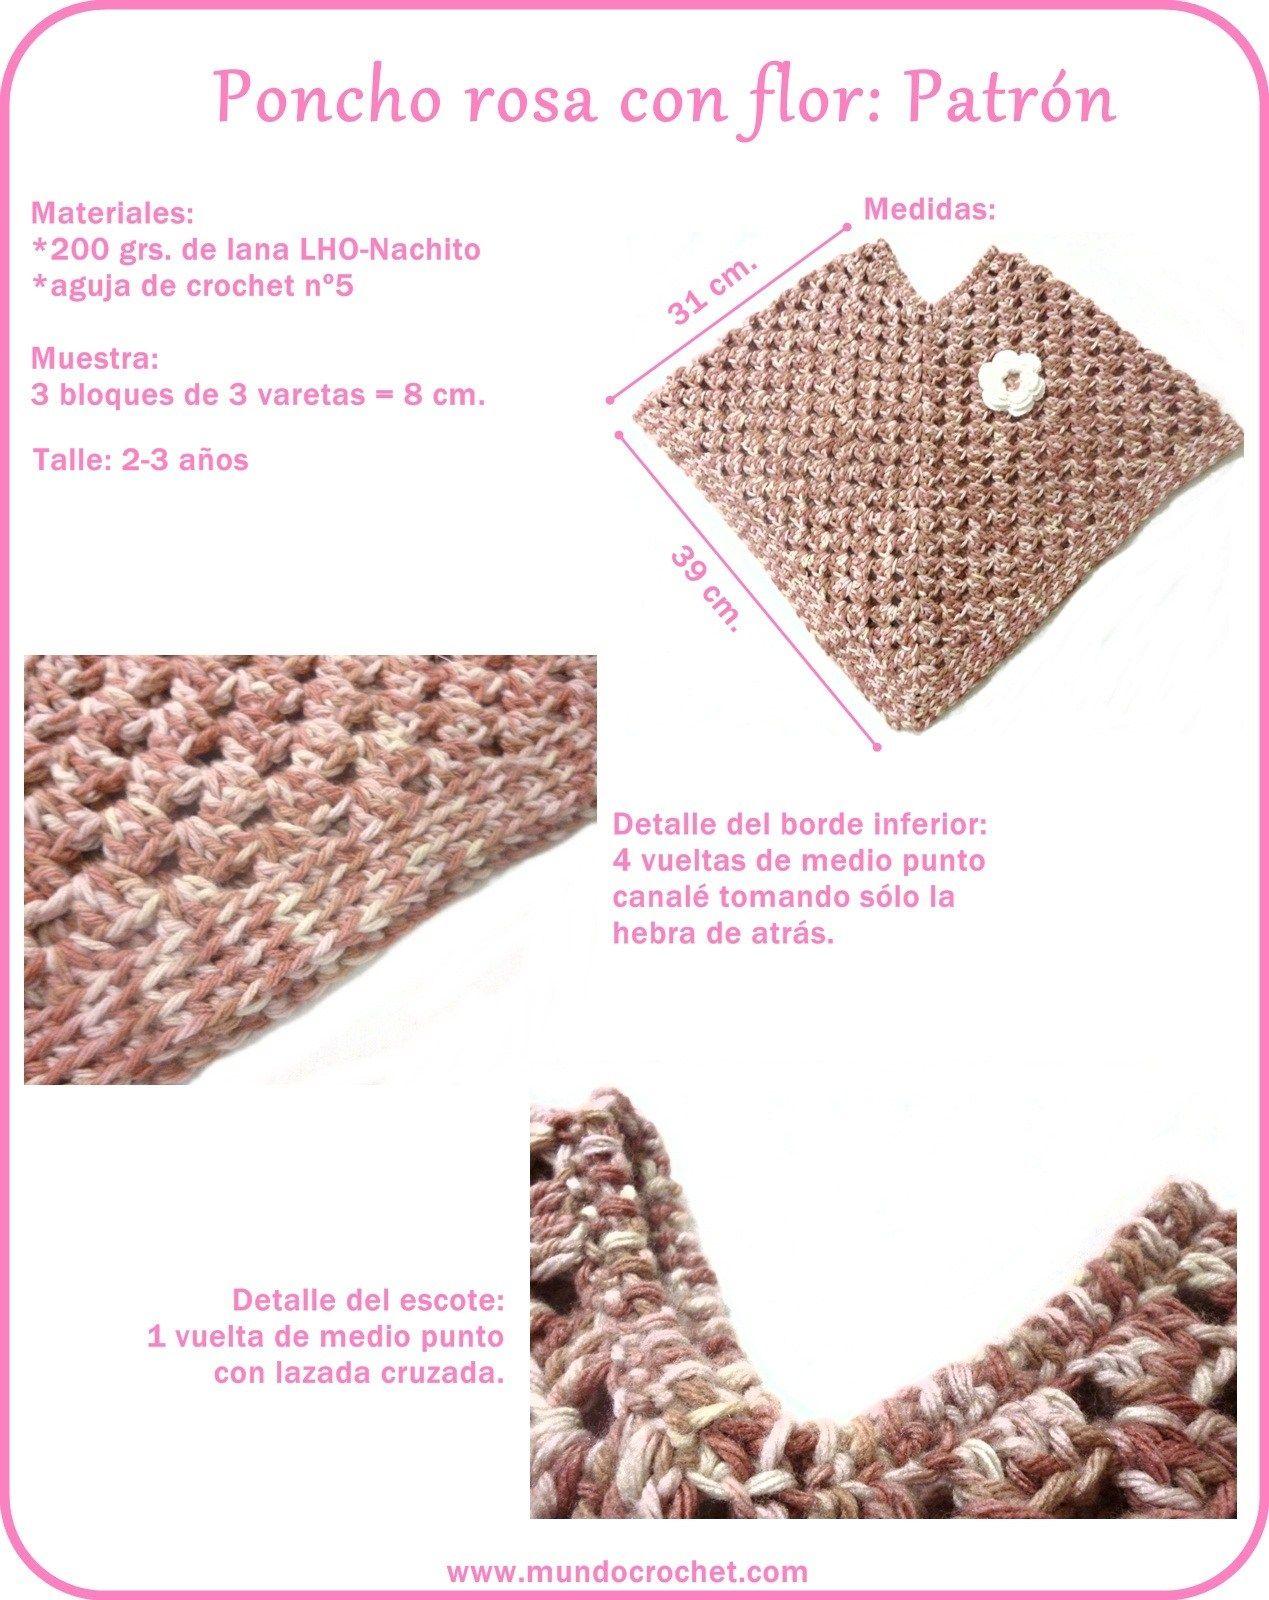 Patron poncho granny a crochet o ganchillo | Proyectos a intentar ...